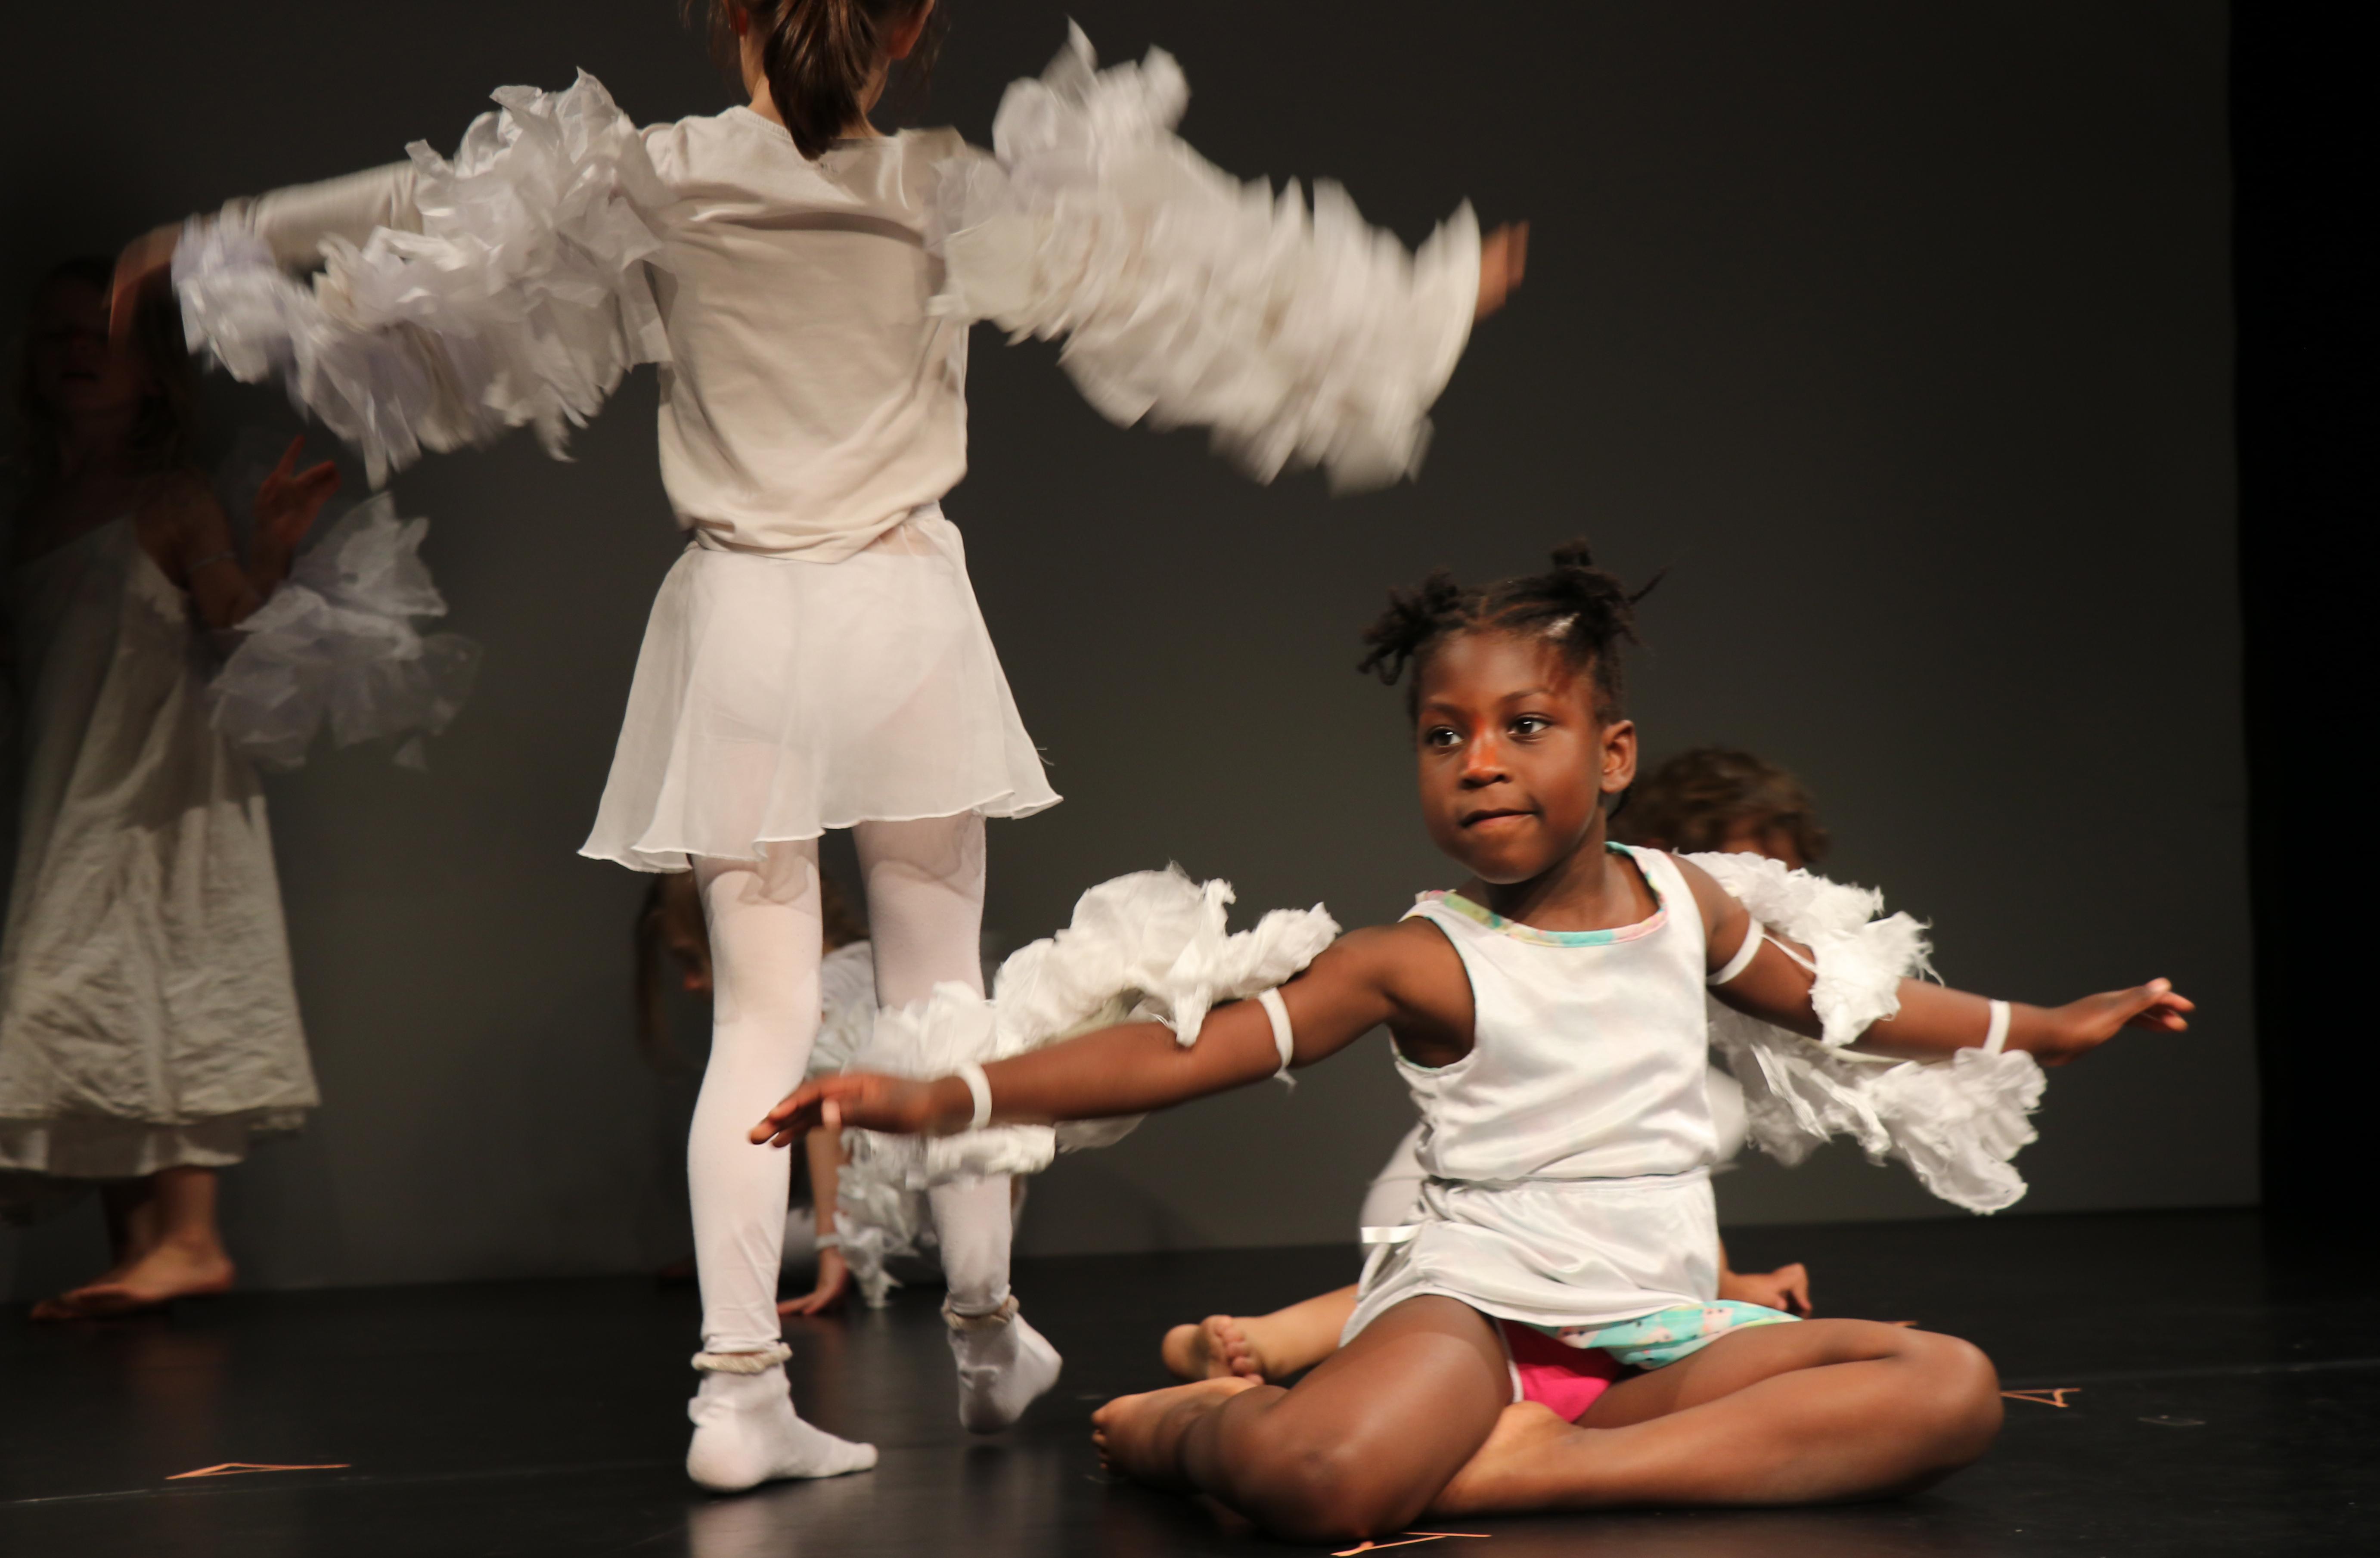 Ein Mädchen sitzt mit seitlich untergeschlagenen Beinen auf der Bühne. Sie breitet die Arme aus, an denen mit Riemchen weiße Flügel aus einem watteähnlichen Material angebracht sind und hat ein weißes Kleid ohne Ärmel an. Links neben ihr steht ein weiteres Mädchen mit weißem Kleid und weißer Strumhose, die ebenfalls die befkügelte Arme ausbreitet. Im Hintergrund ist noch ein Kind mit Flügeln abgebildet, das halb verdeckt ist.